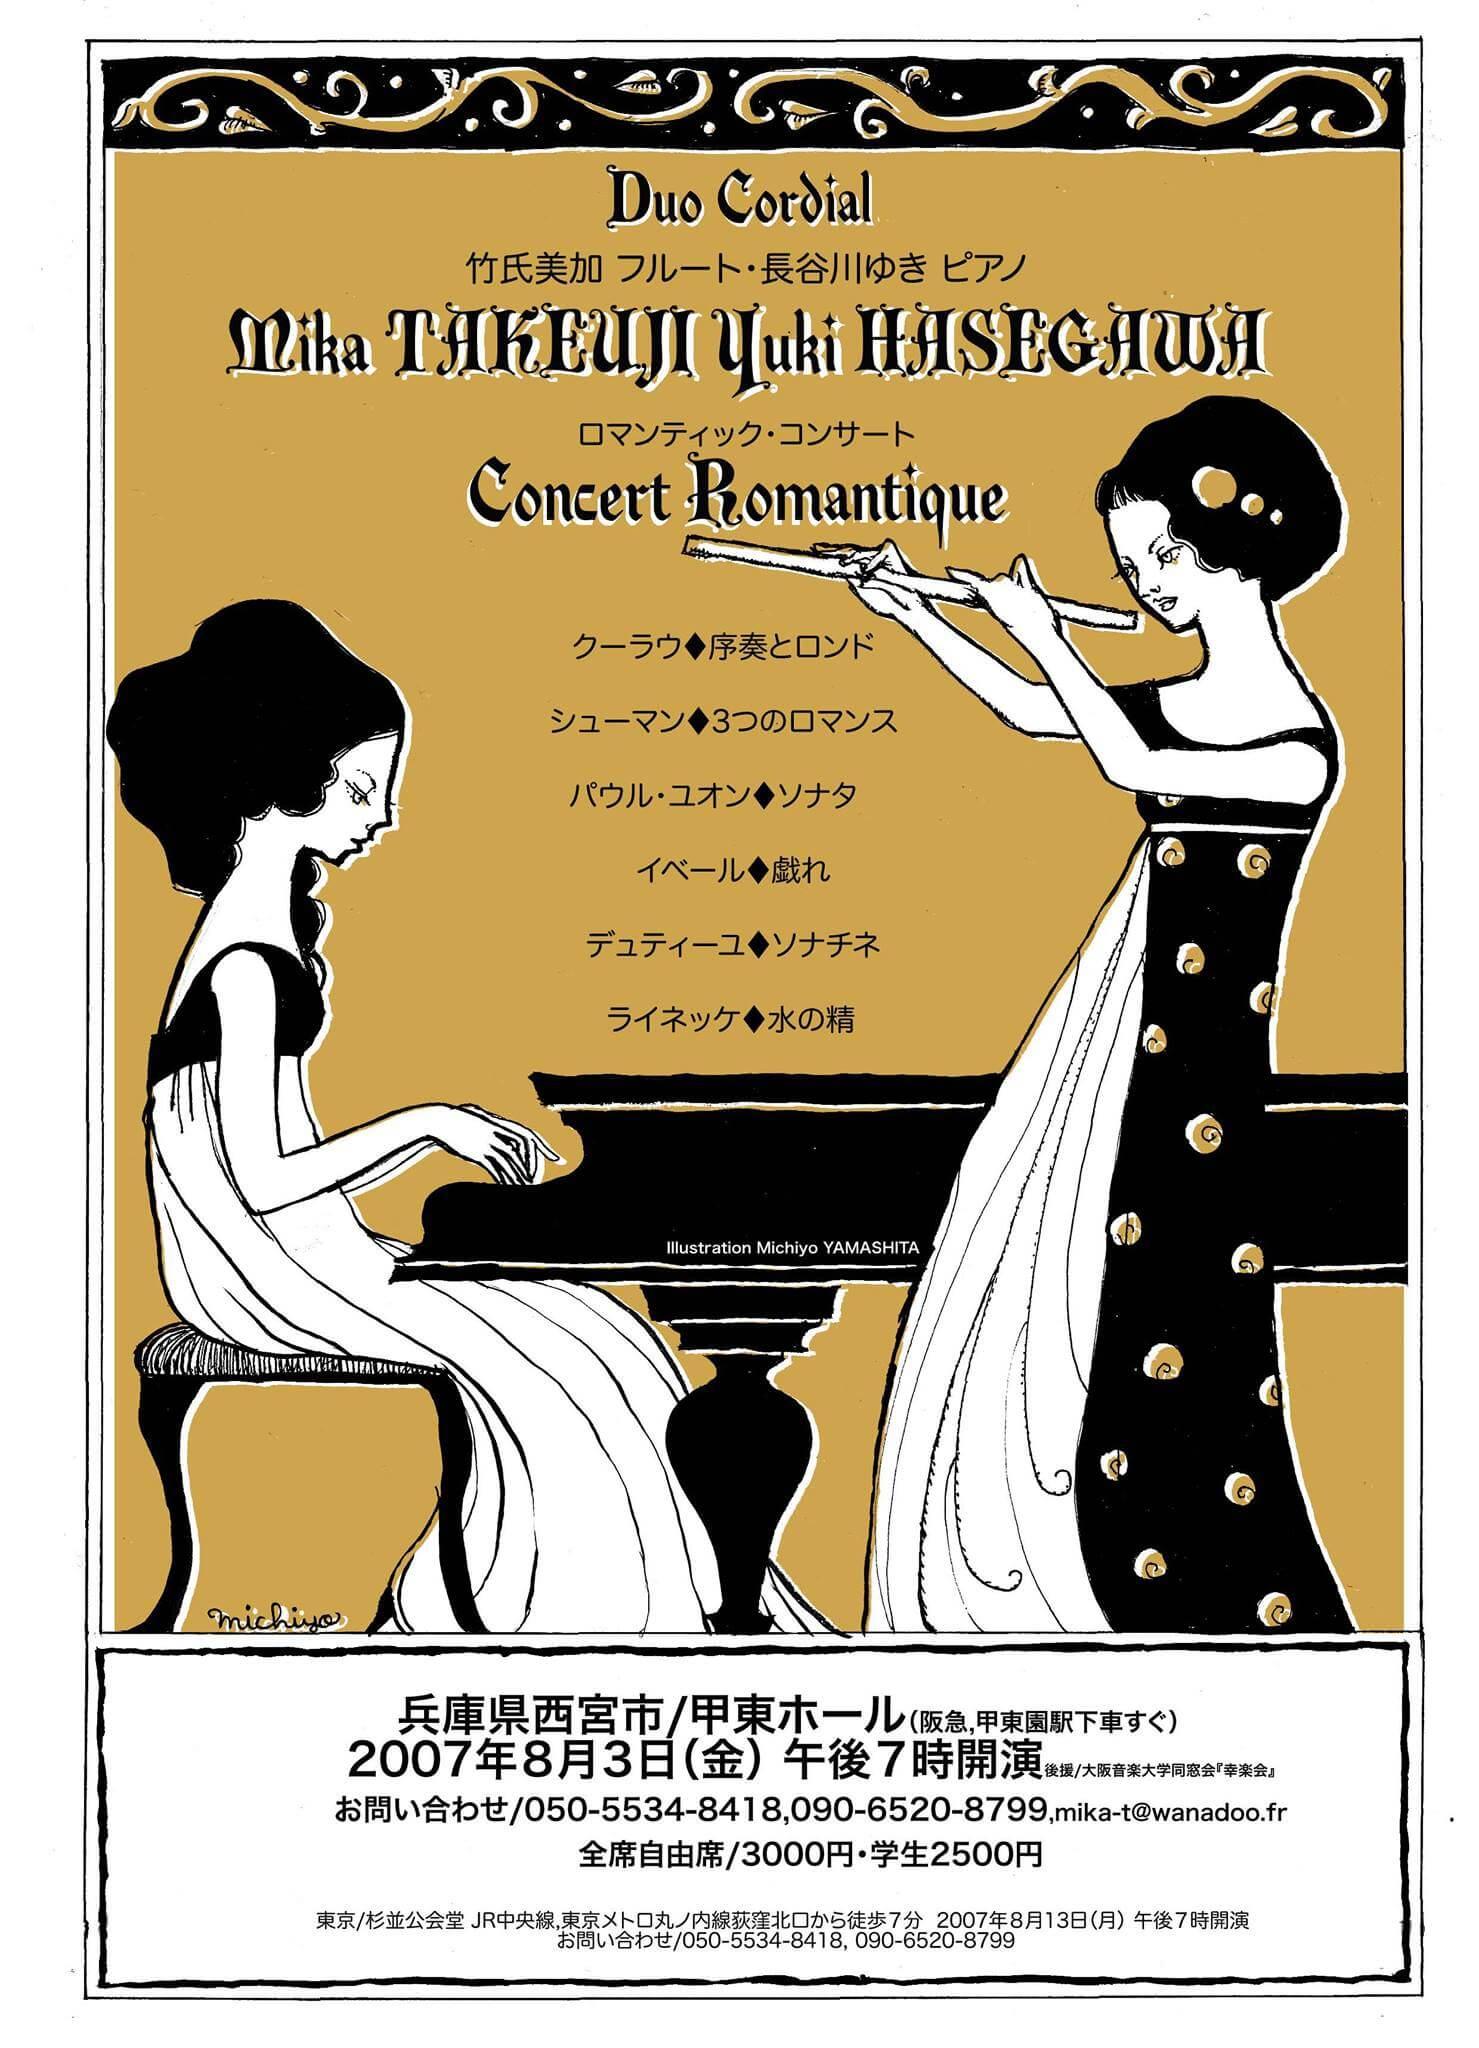 Mika Takeuji Flute & Yuki Hasegawa